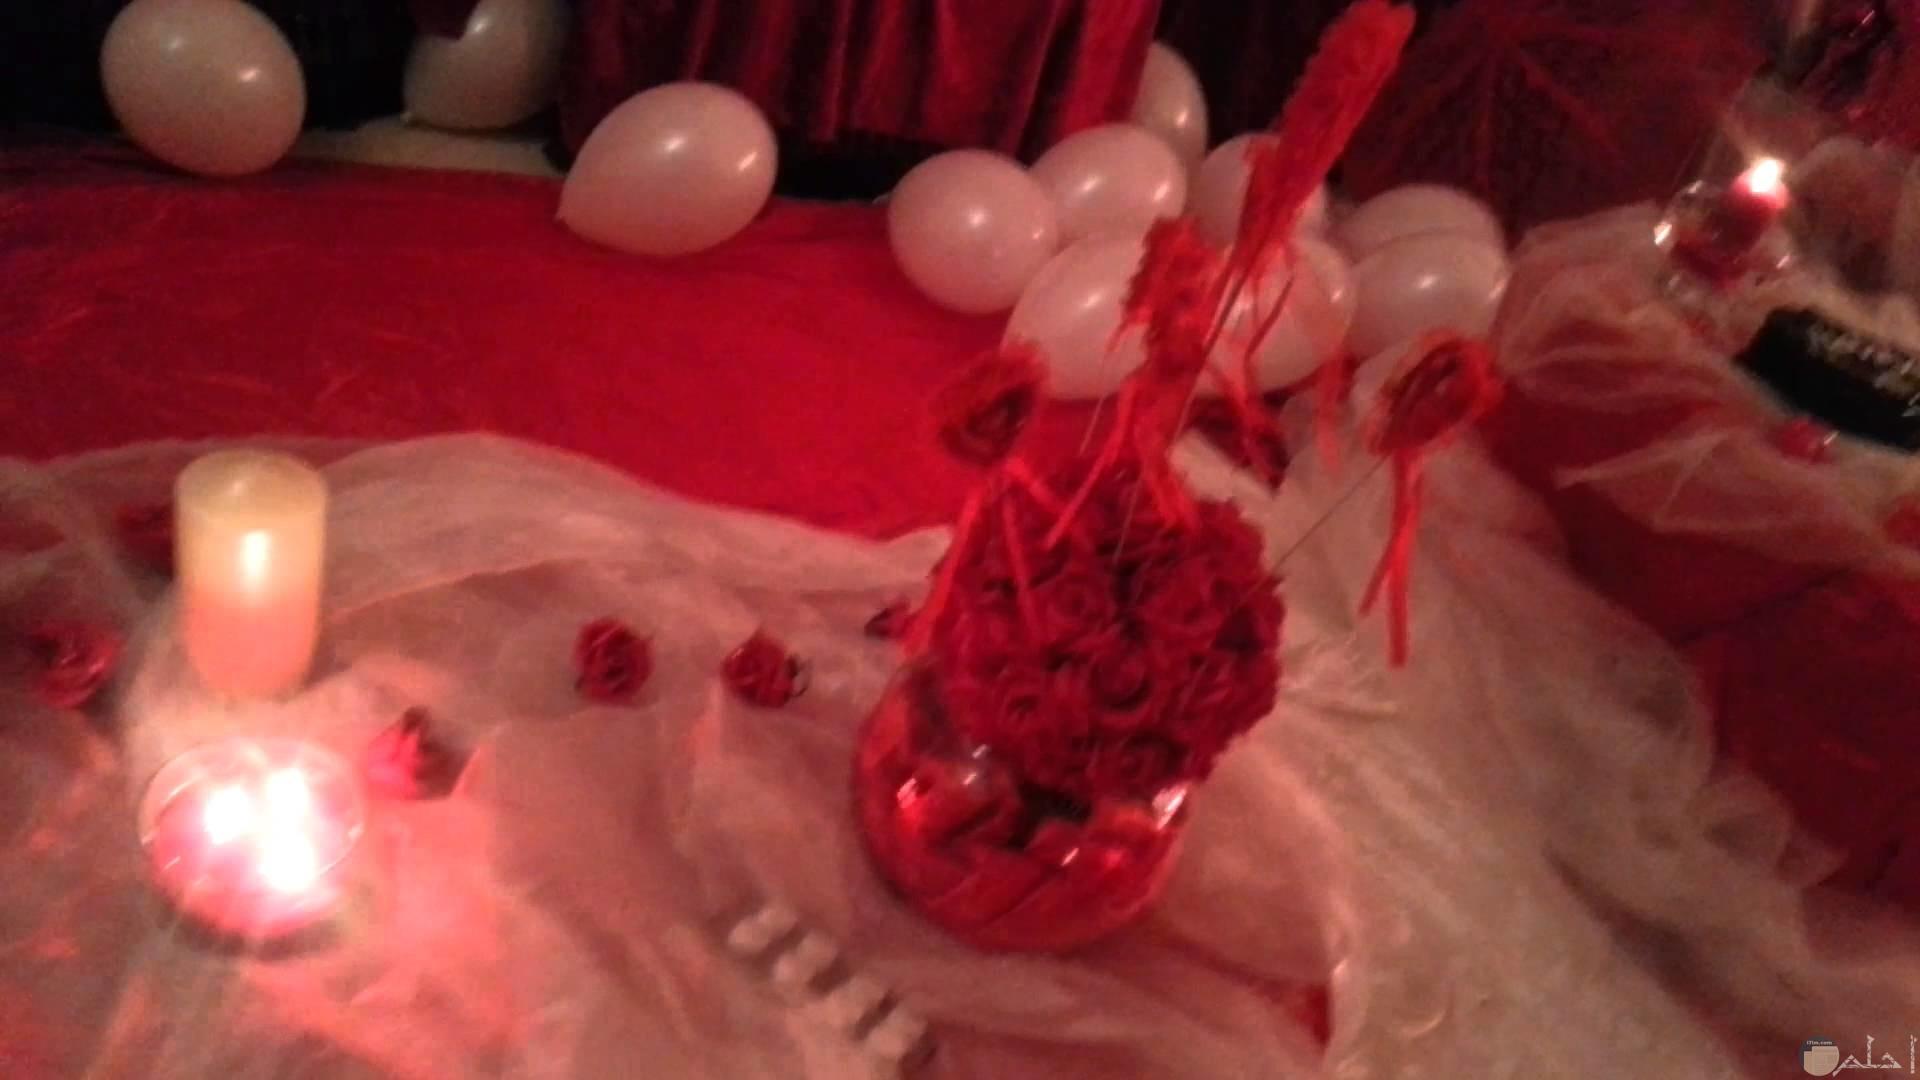 بلونات و ديكور أحمر يعبر عن الحب و الرومانسية.